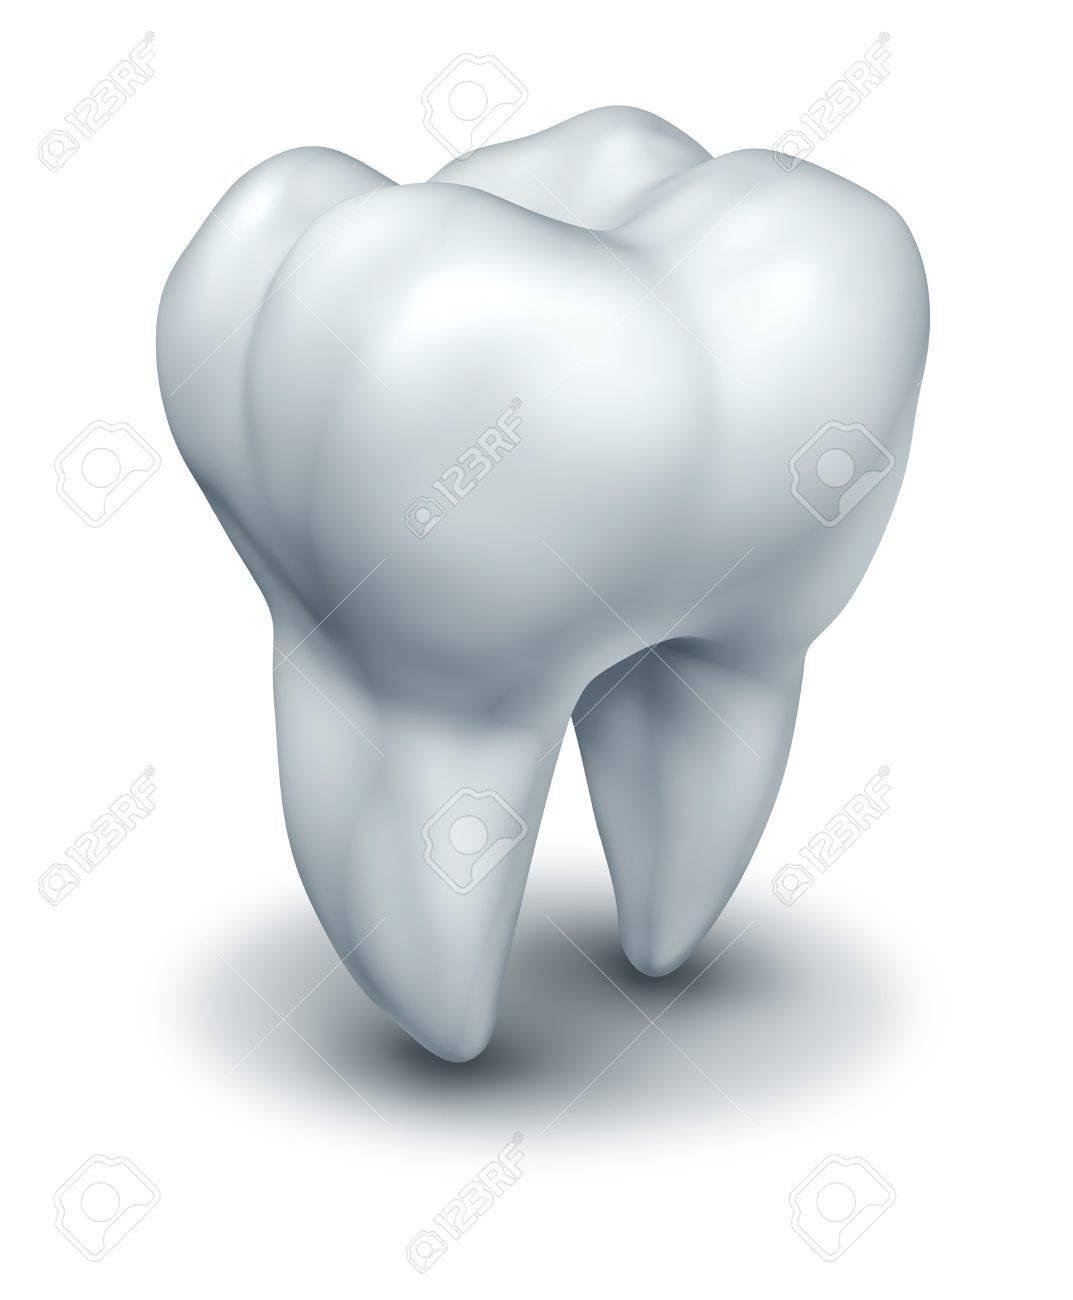 Menschliche Zahn Dental Symbol Für Zahnarzt Medizin Und Zahnmedizin ...